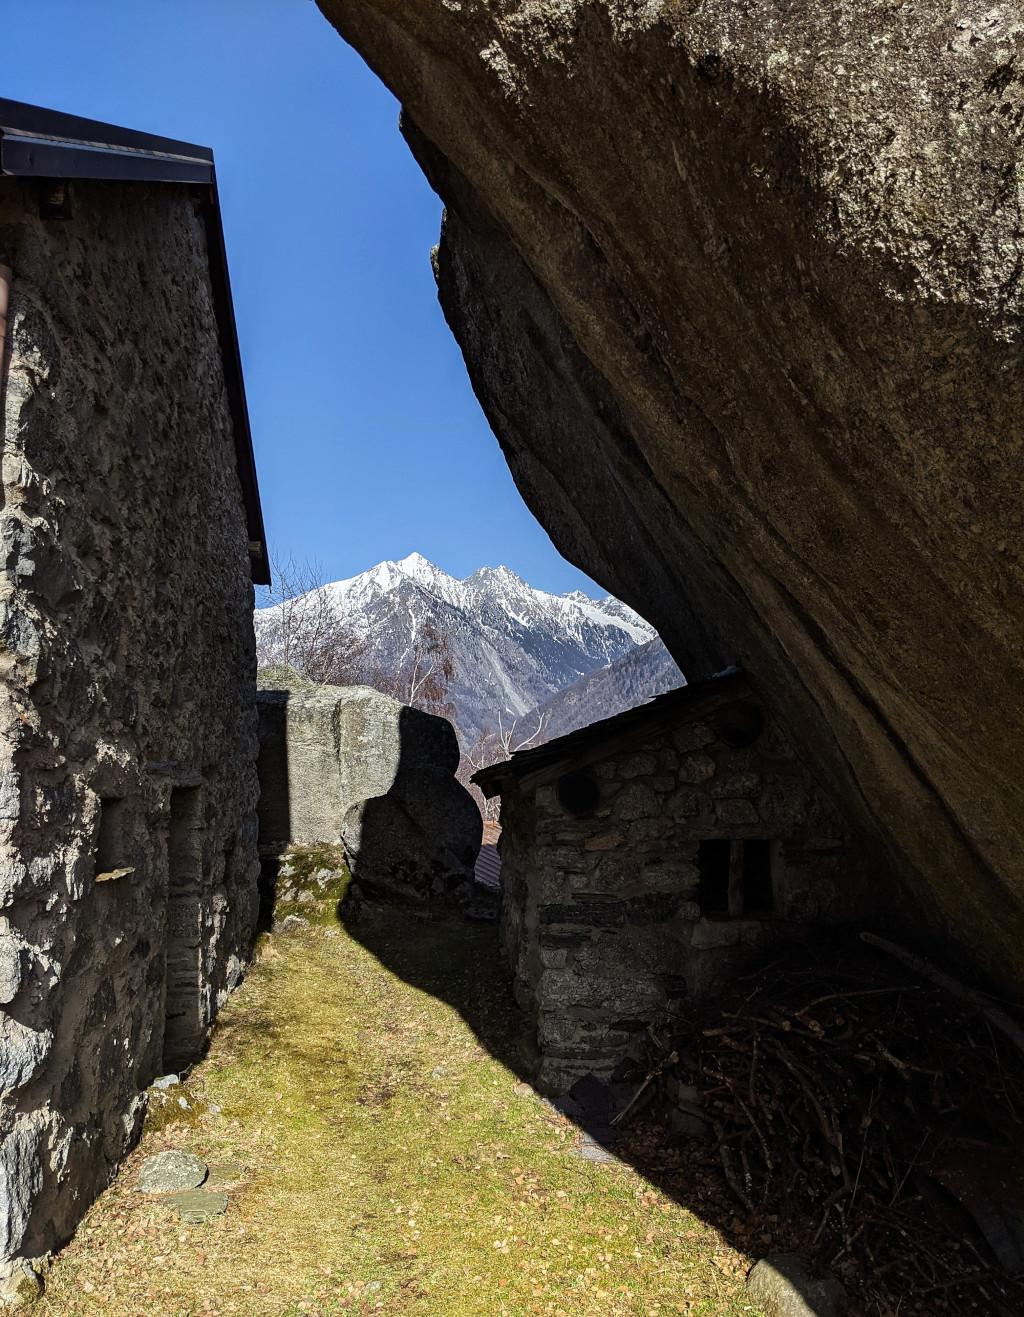 Escursione a Regurs e Fontanili, partenza da Caspano